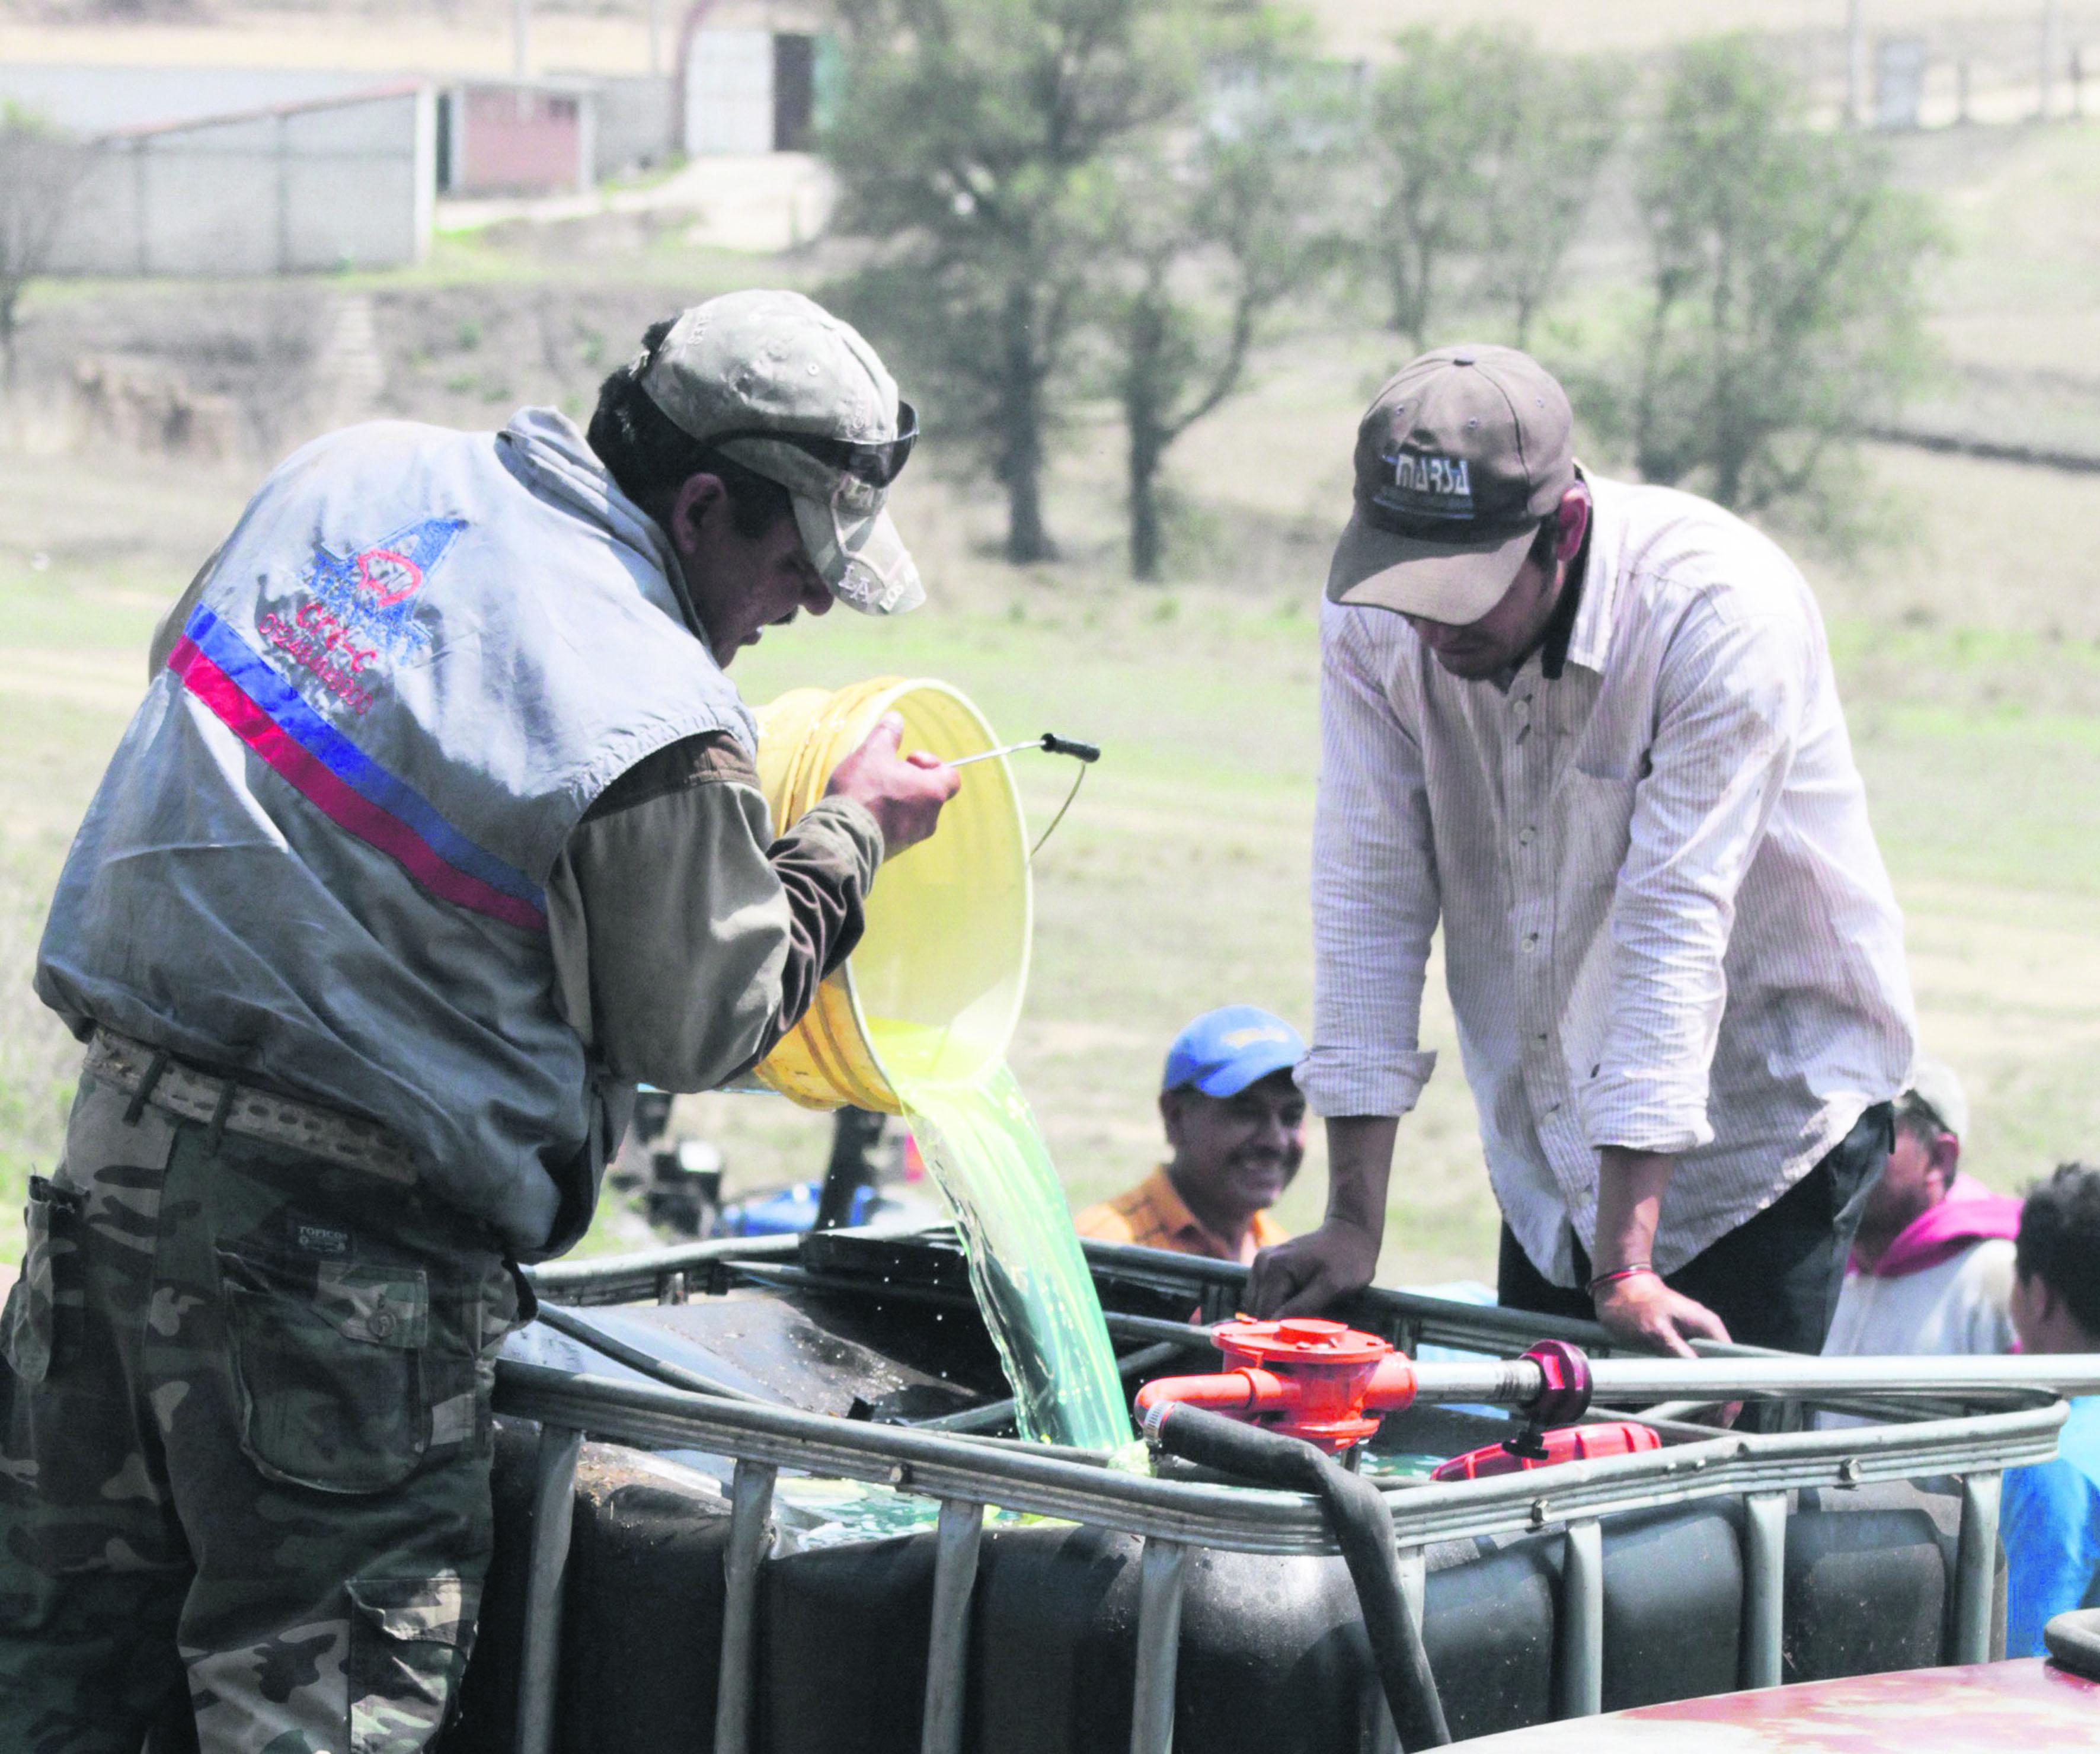 Grupo de personas vertiendo huachicol (combustible robado), en un deposito con capacidad de 1000 litros.